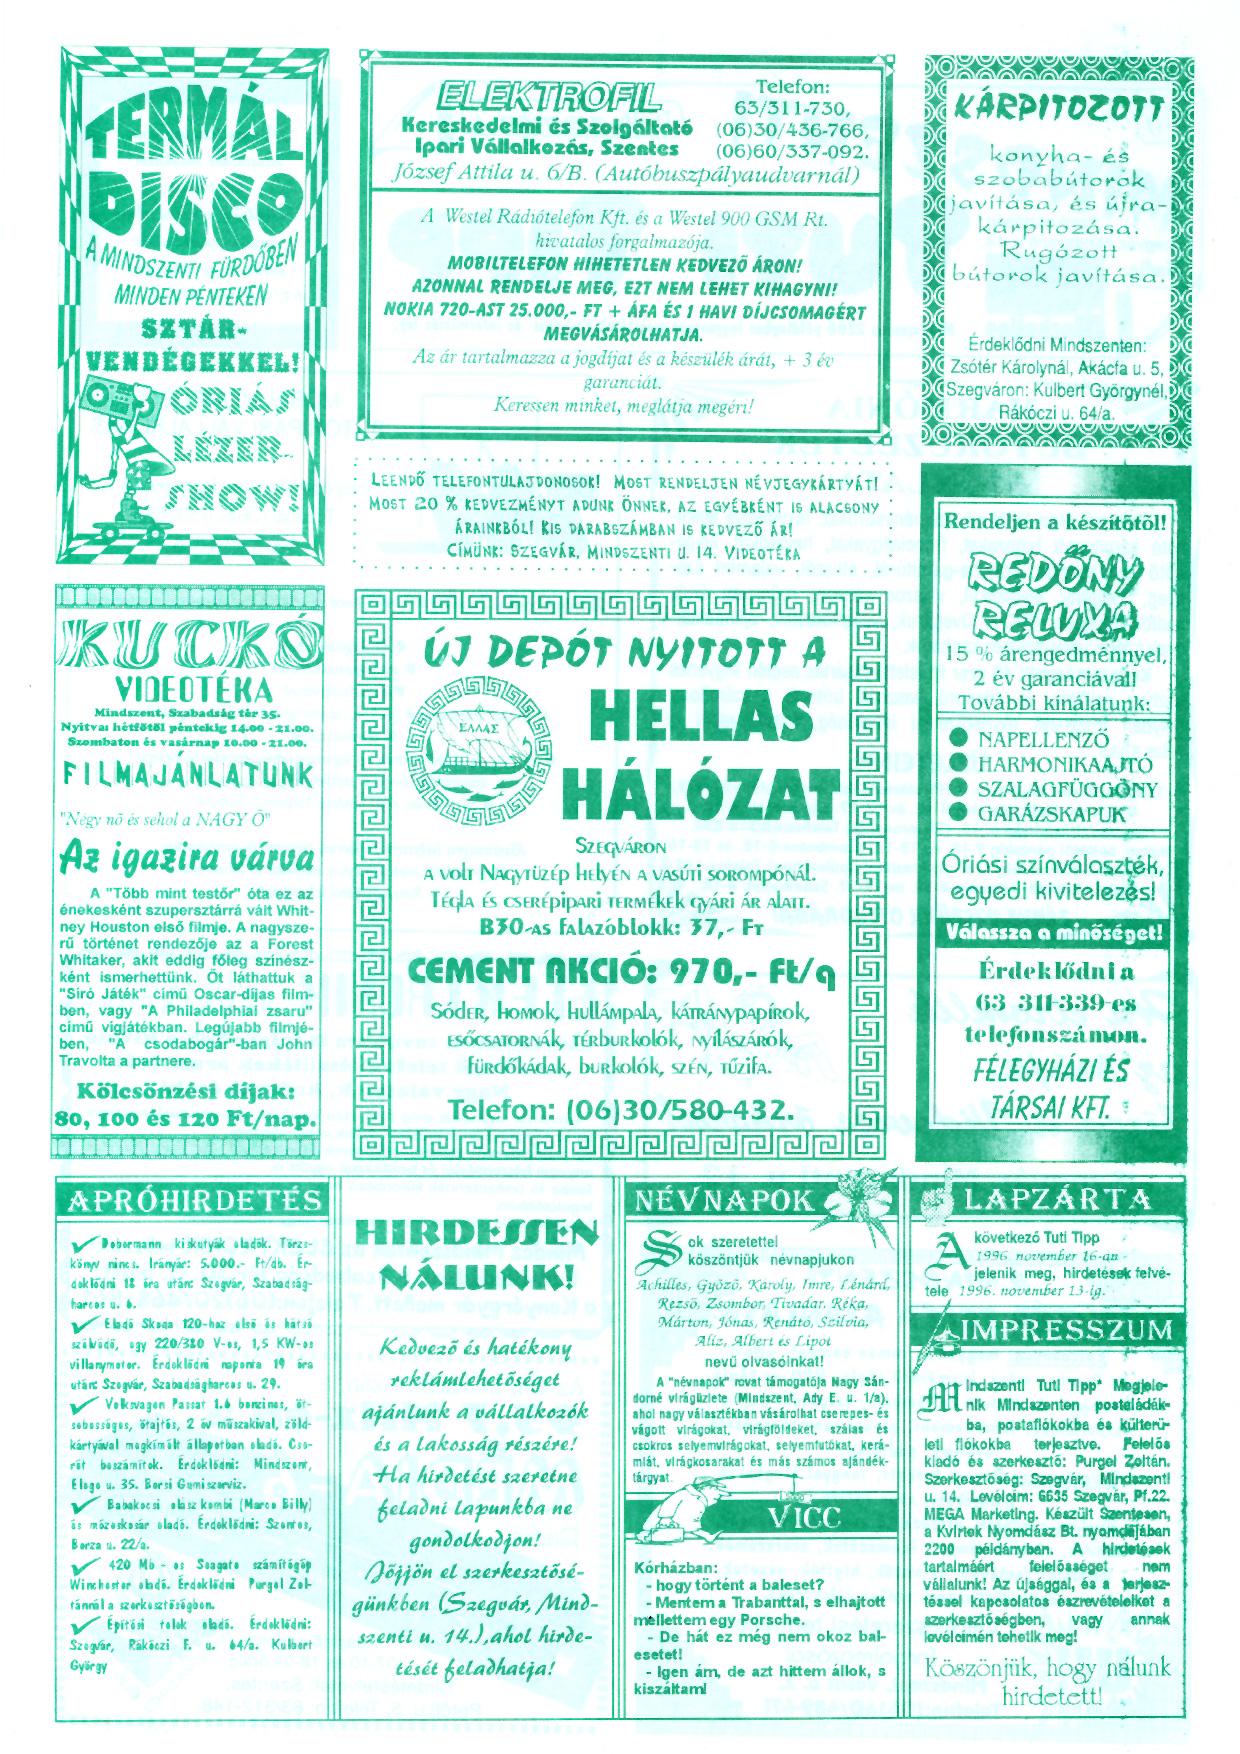 066 Mindszenti Tuti Tipp reklámújság - 19961102-010. lapszám - 2.oldal - II. évfolyam.jpg